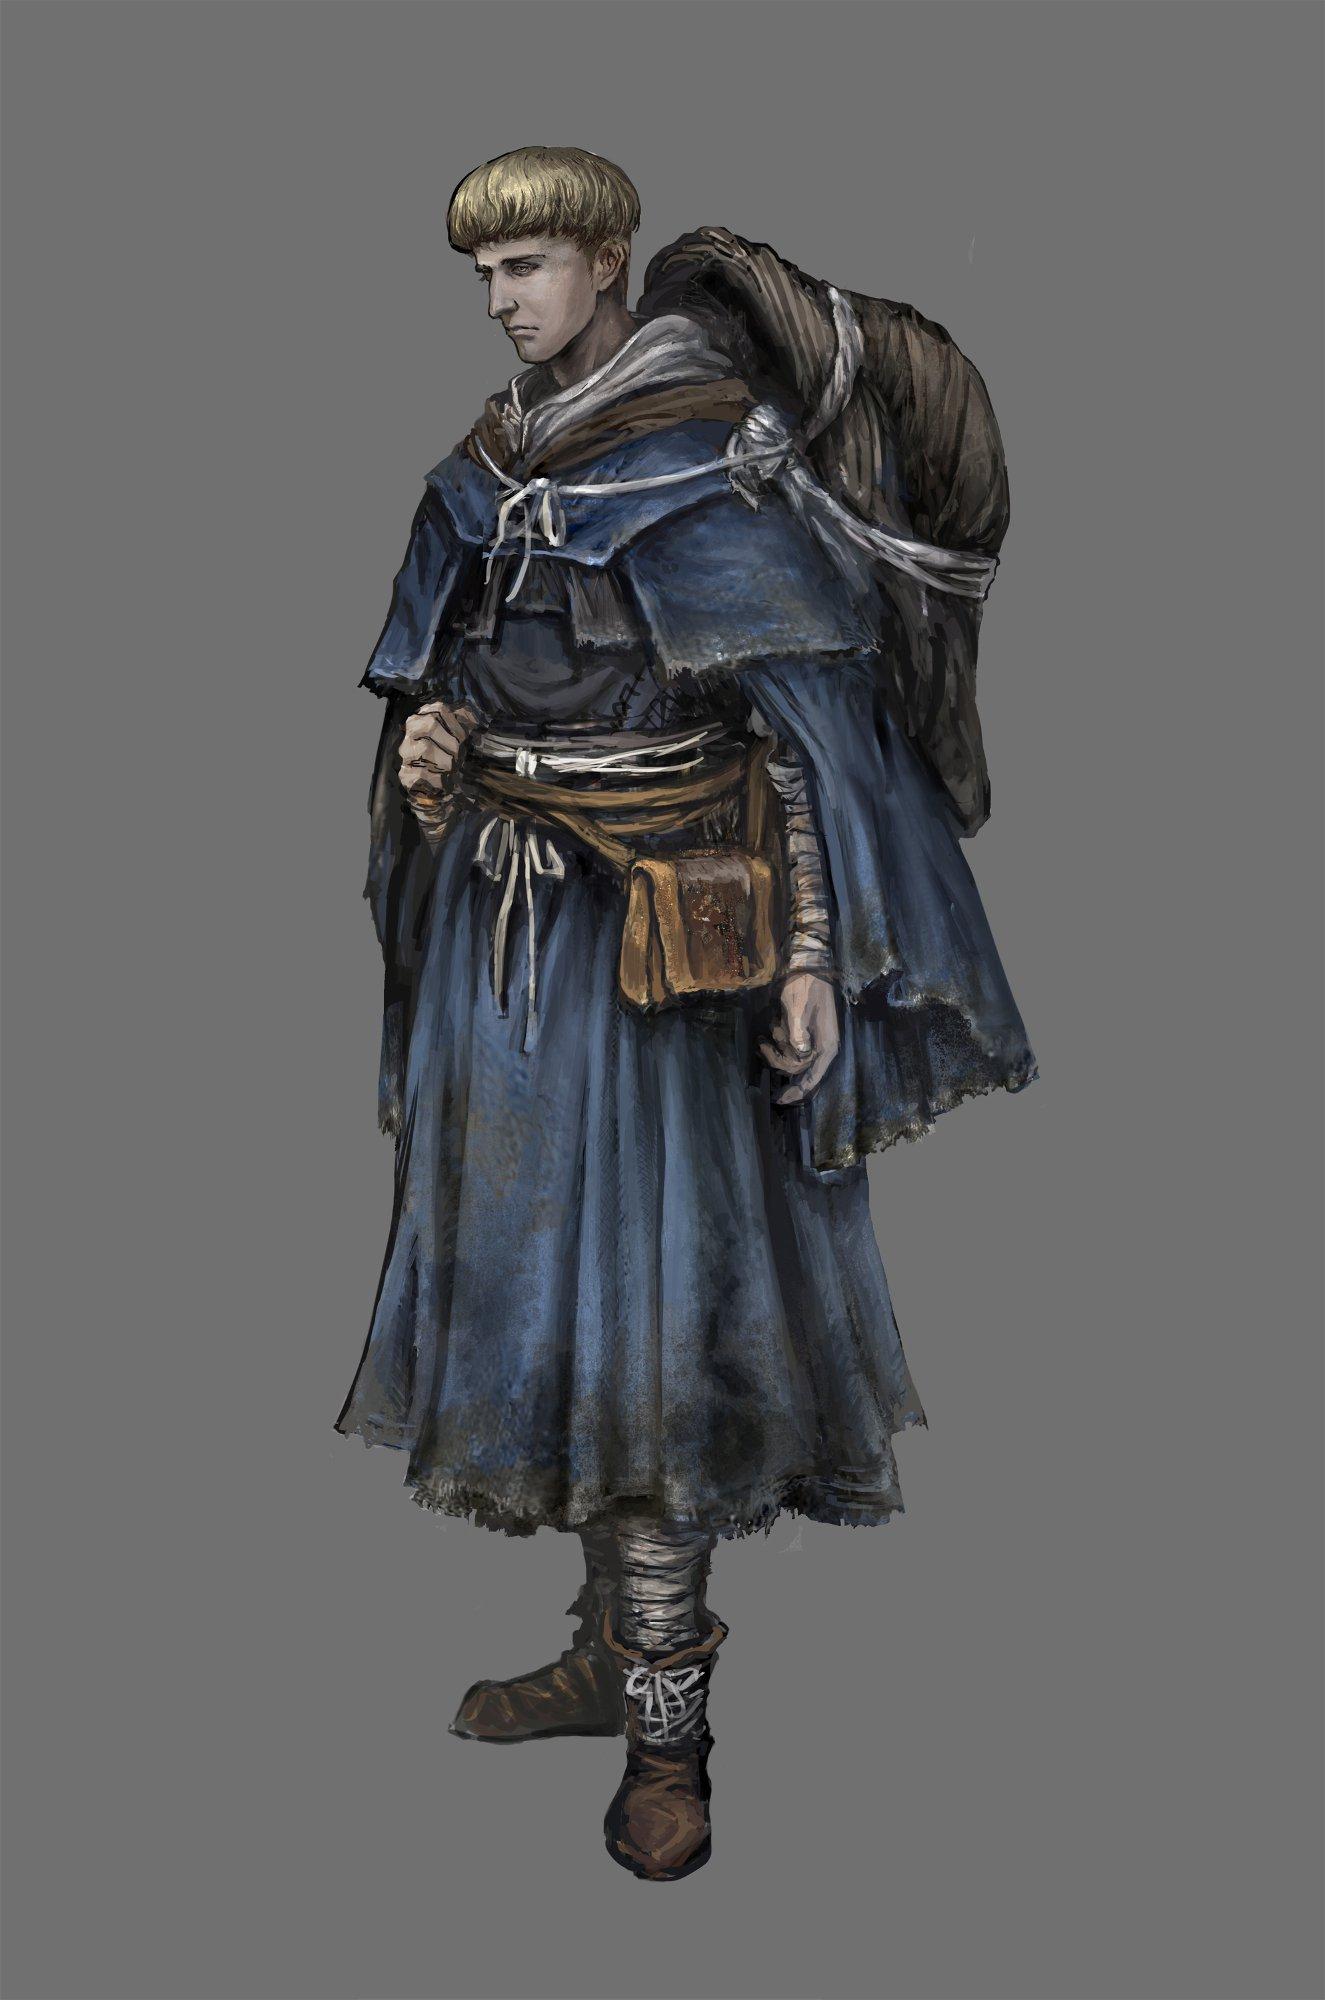 Dark Souls 3 Armor Sets Concept Art